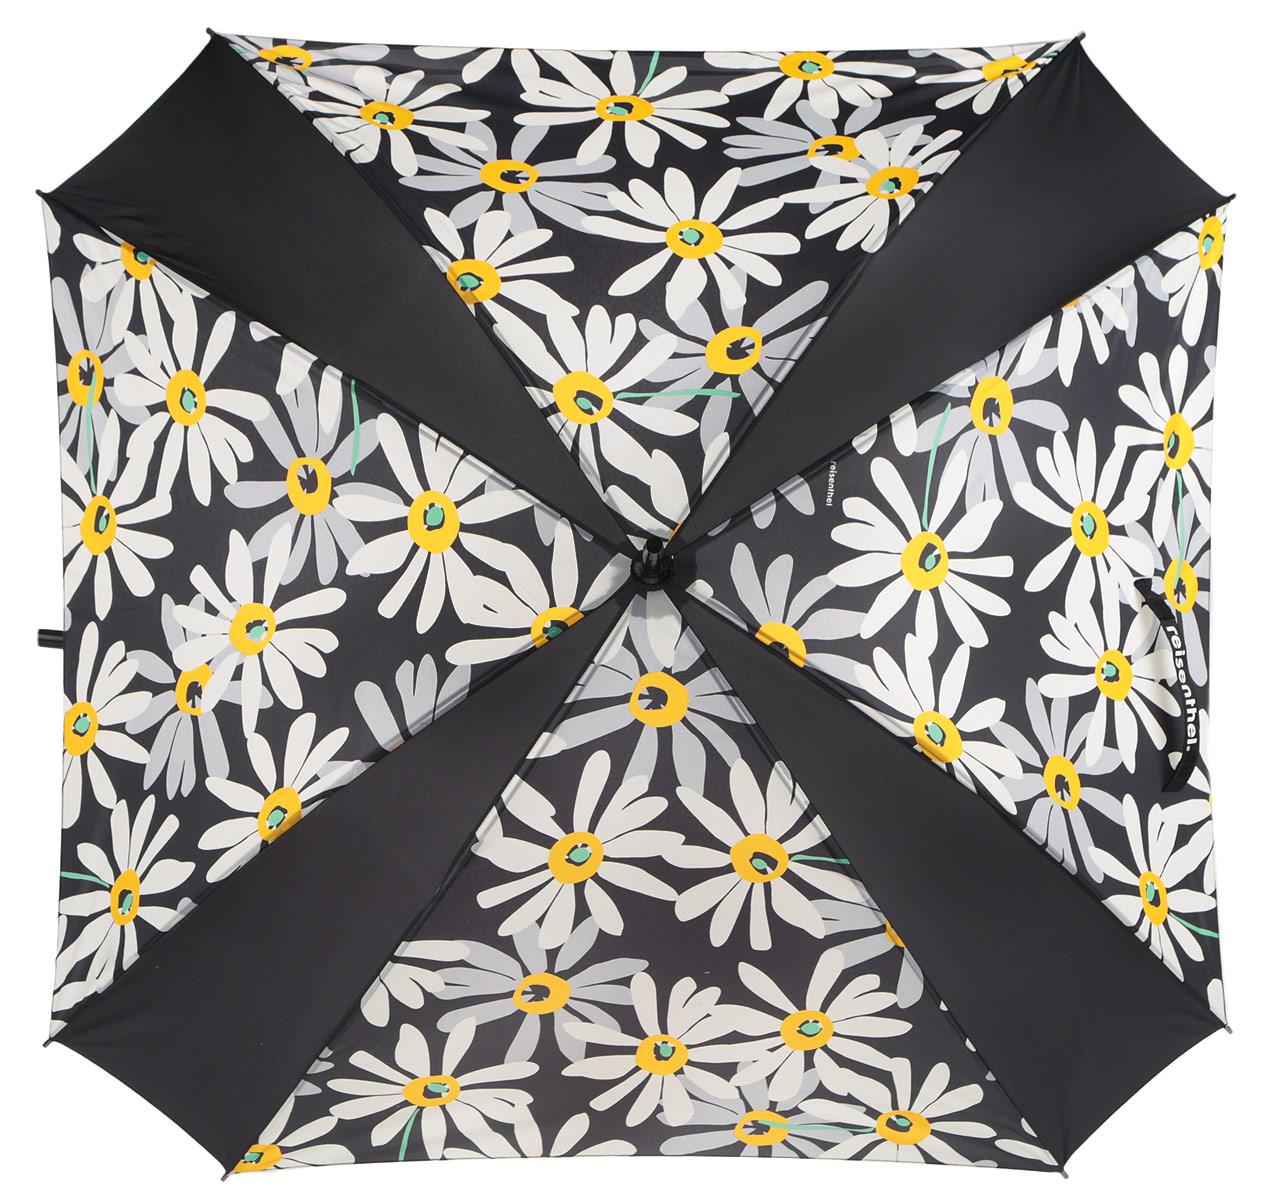 Зонт-трость Umbrella Margarite, механический, цвет: черный, белый, желтый. YM7038REM12-CAM-GREENBLACKСтильный механический зонт-трость  Umbrella Margarite  имеет каркас из 8 металлических спиц и купол, выполненный из прочного полиэстера. Купол оформлен цветочный принтом. Рукоятка закругленной формы разработана с учетом требований эргономики и выполнена из пластика. Зонт механического сложения: купол открывается и закрывается вручную до характерного щелчка. Такой зонт не только надежно защитит вас от дождя, но и станет стильным аксессуаром.